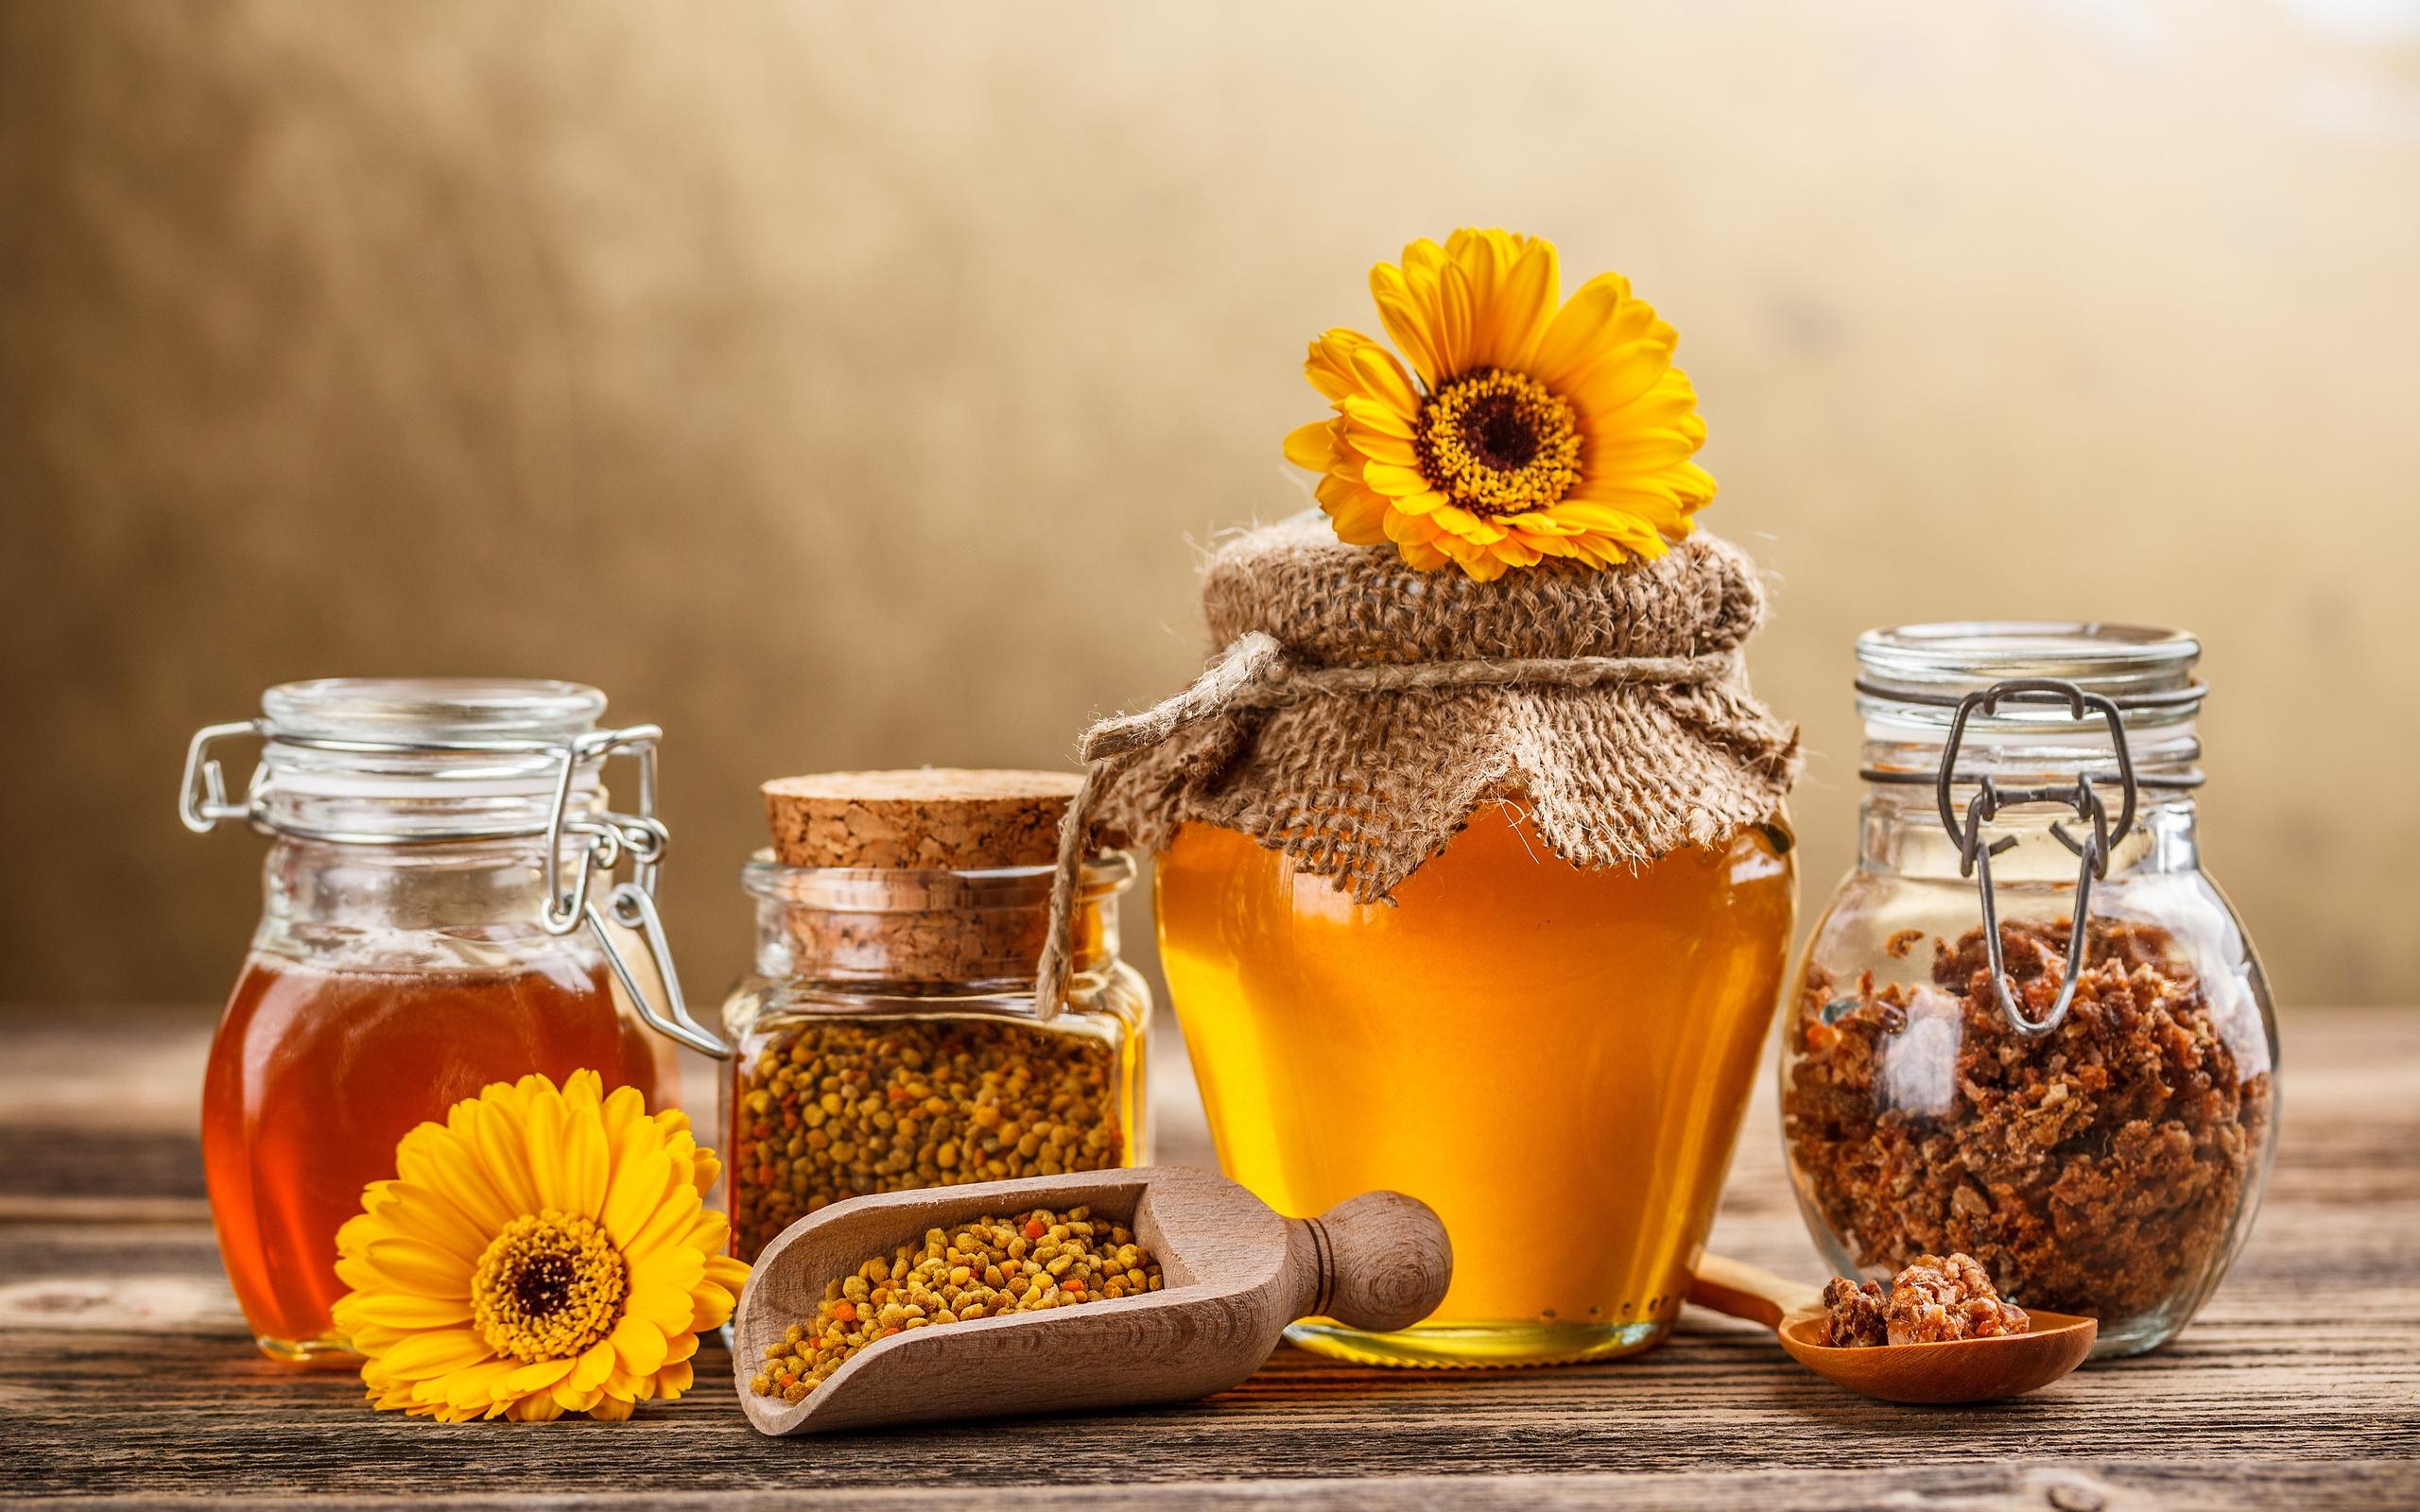 Honey is good